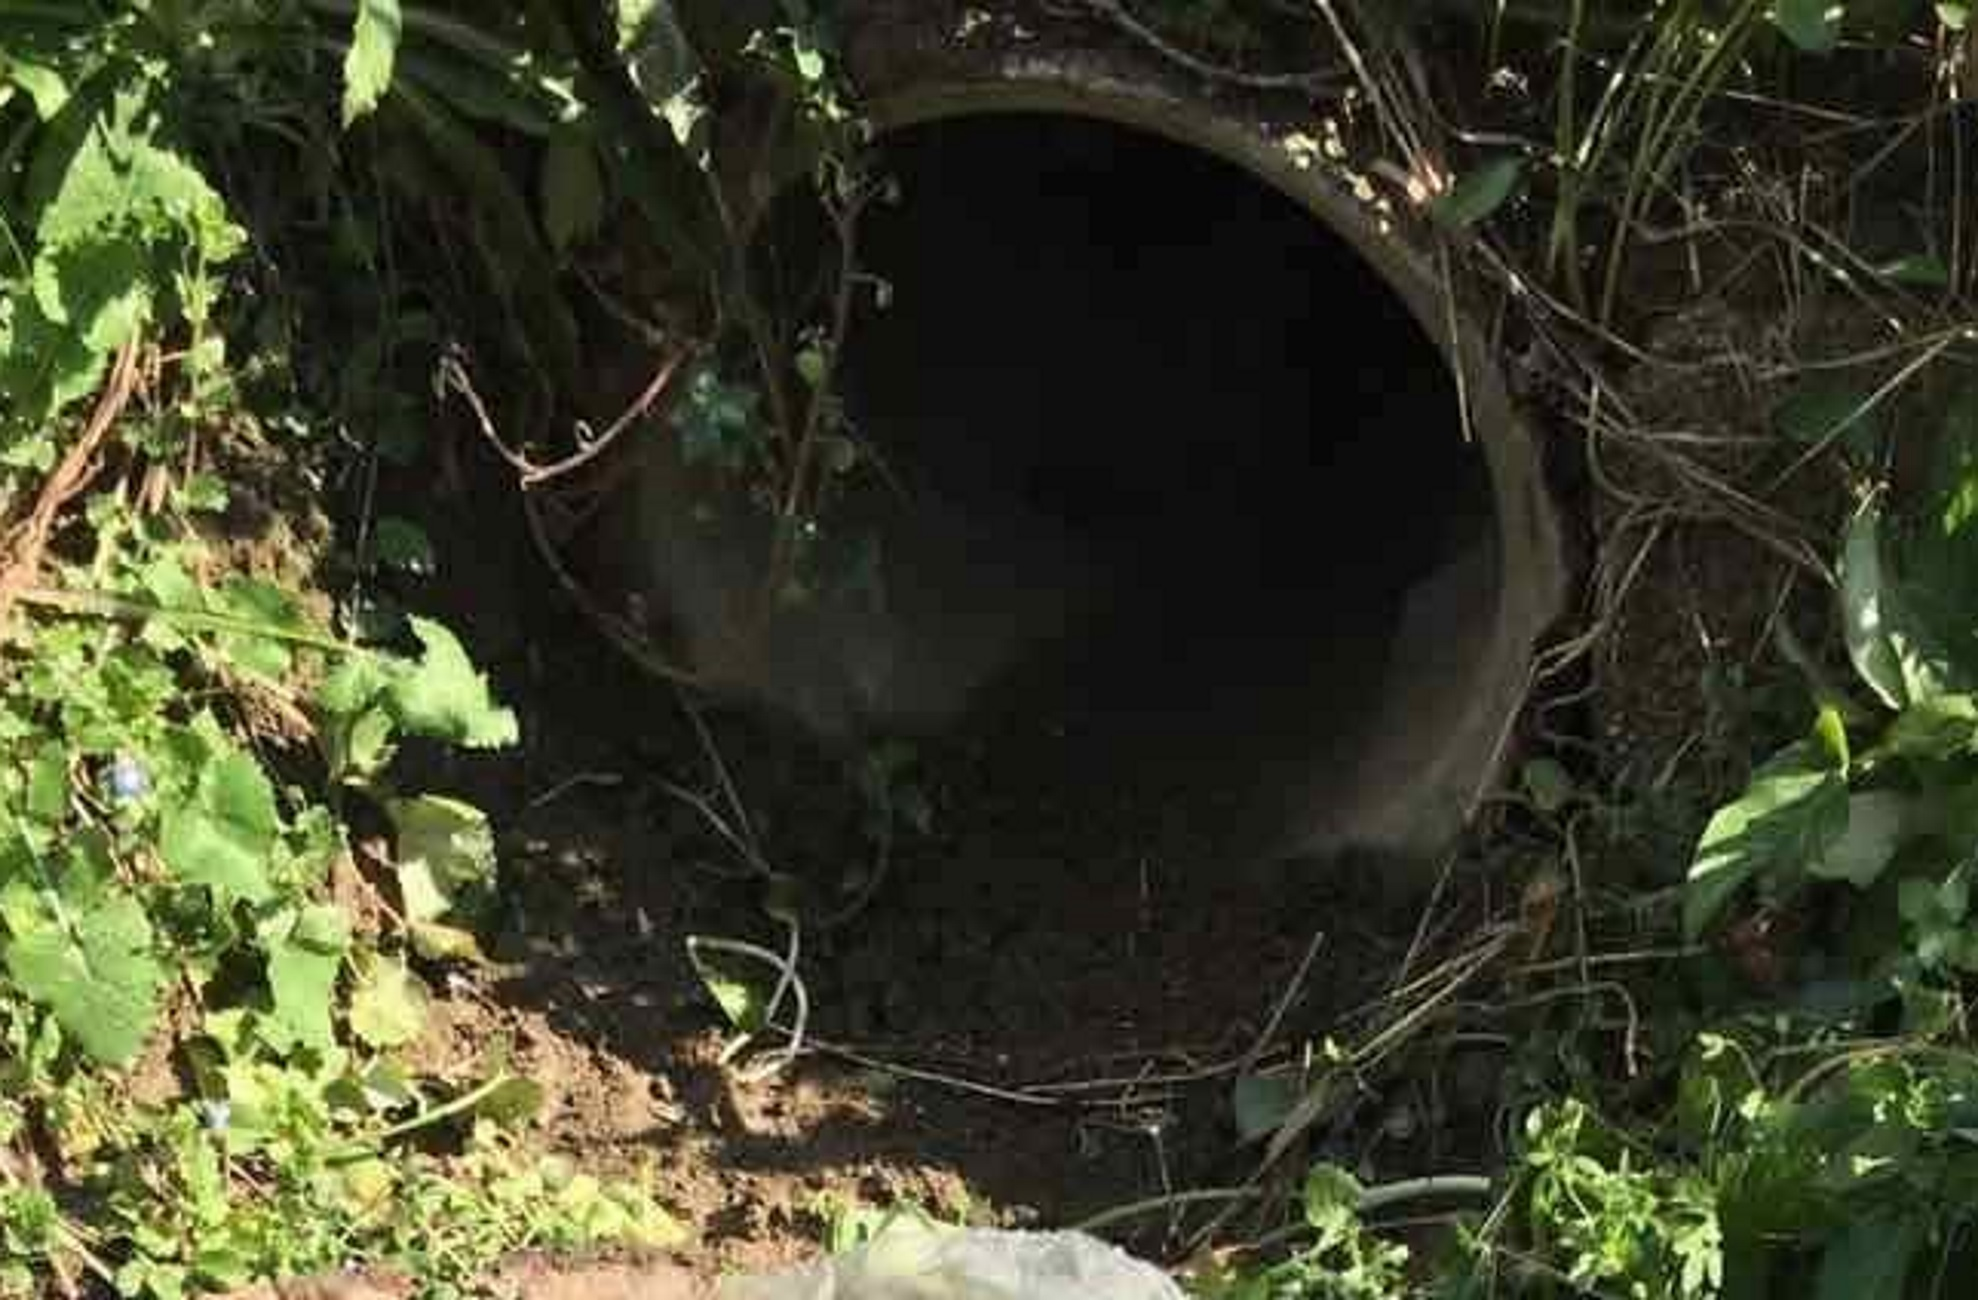 Άρτα: Ο αγωγός του νερού έκρυβε εκπλήξεις! Πλησίασαν και είδαν μπροστά τους αυτές τις εικόνες (Φωτό και Βίντεο)